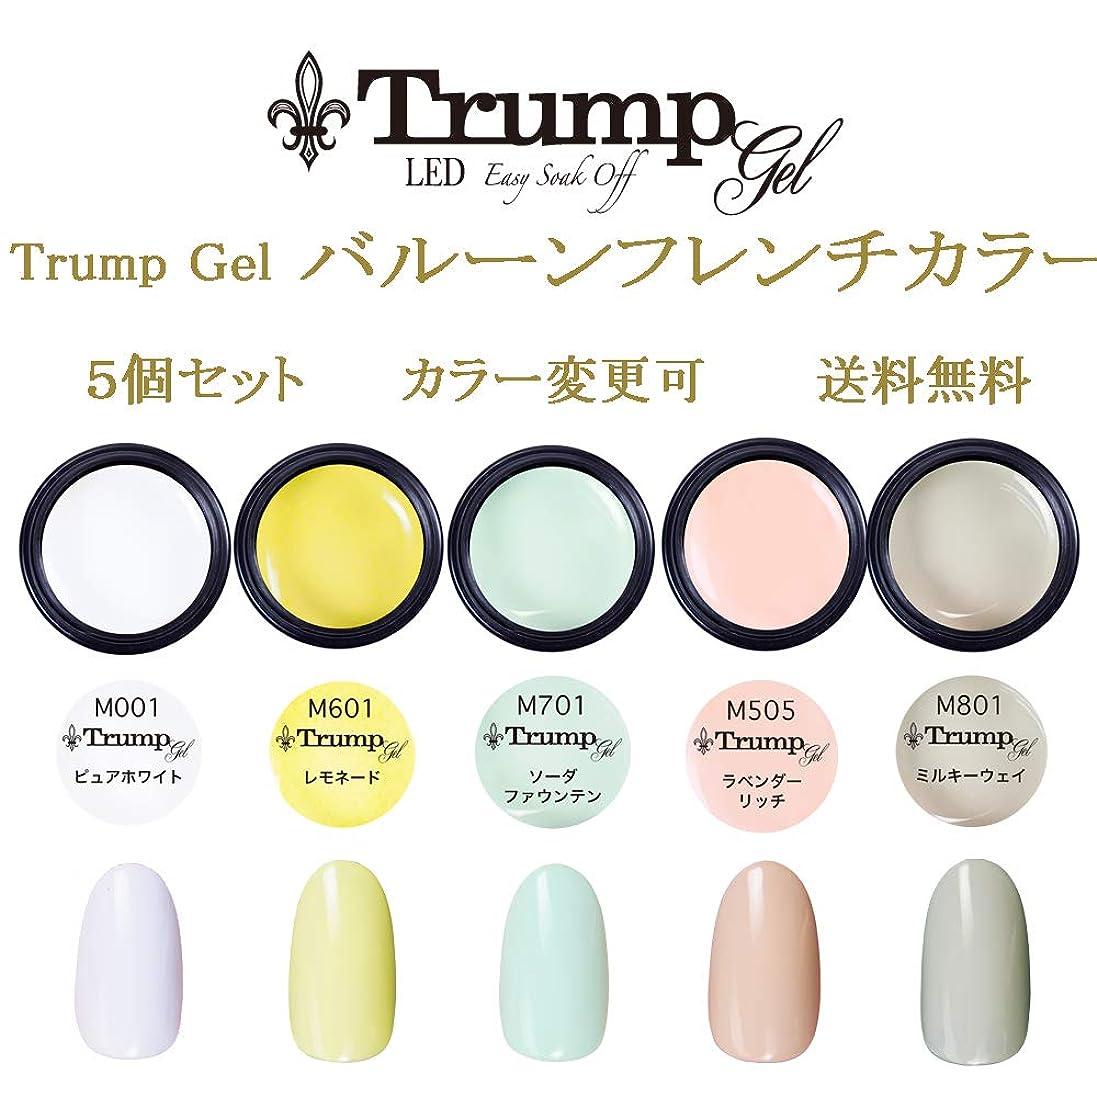 粗い量でチャット【送料無料】Trumpバルーンフレンチカラー 選べるカラージェル5個セット